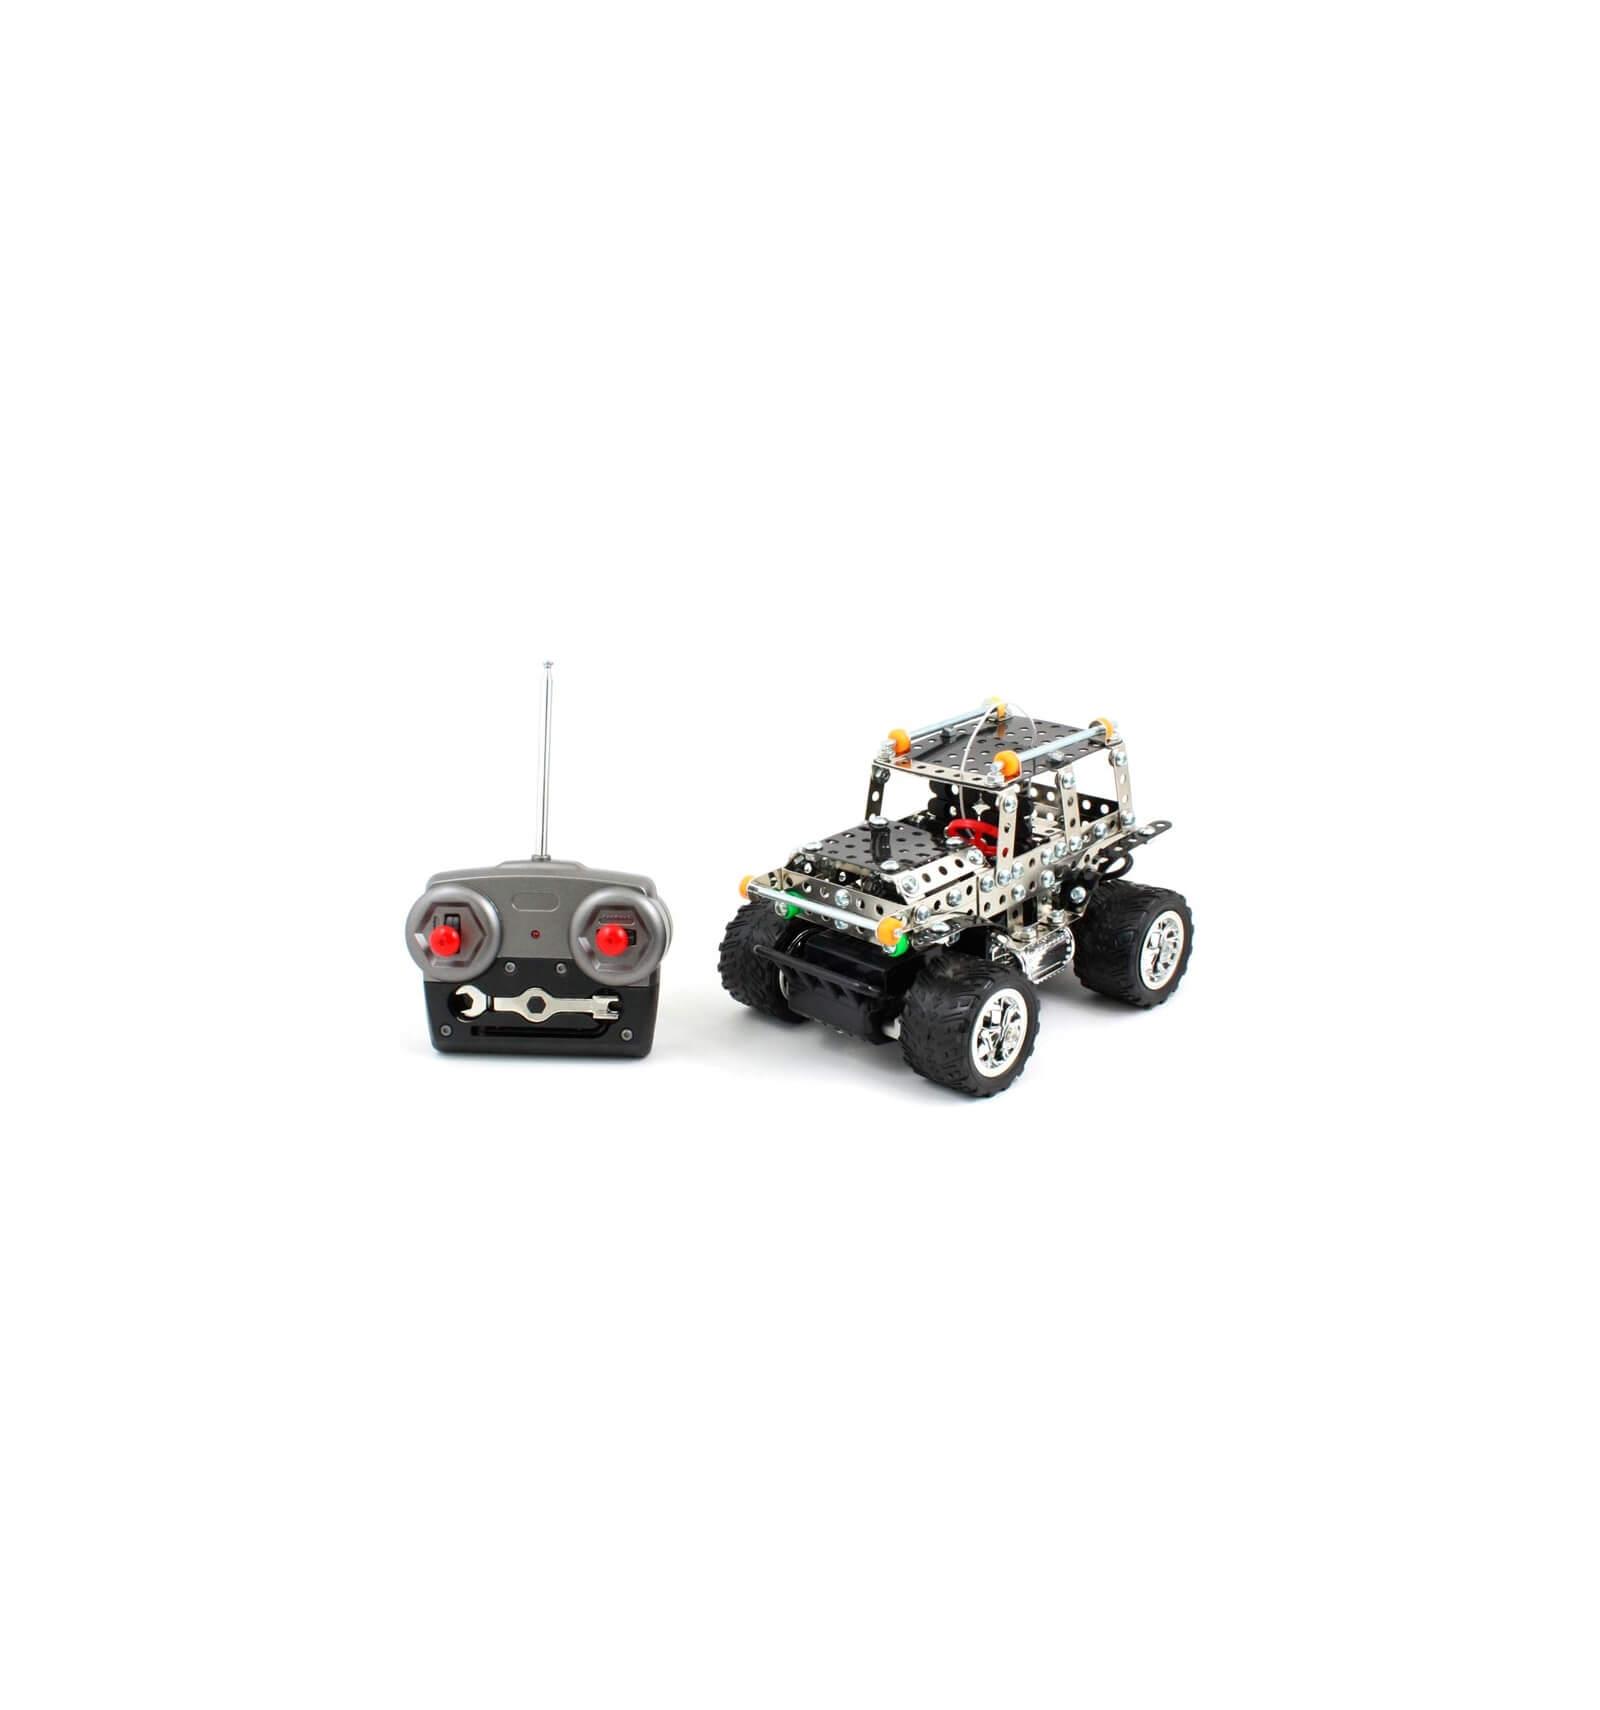 MeccanoIron Montar Commander Tipo Coche Para Rc Jeep dCoexWrB